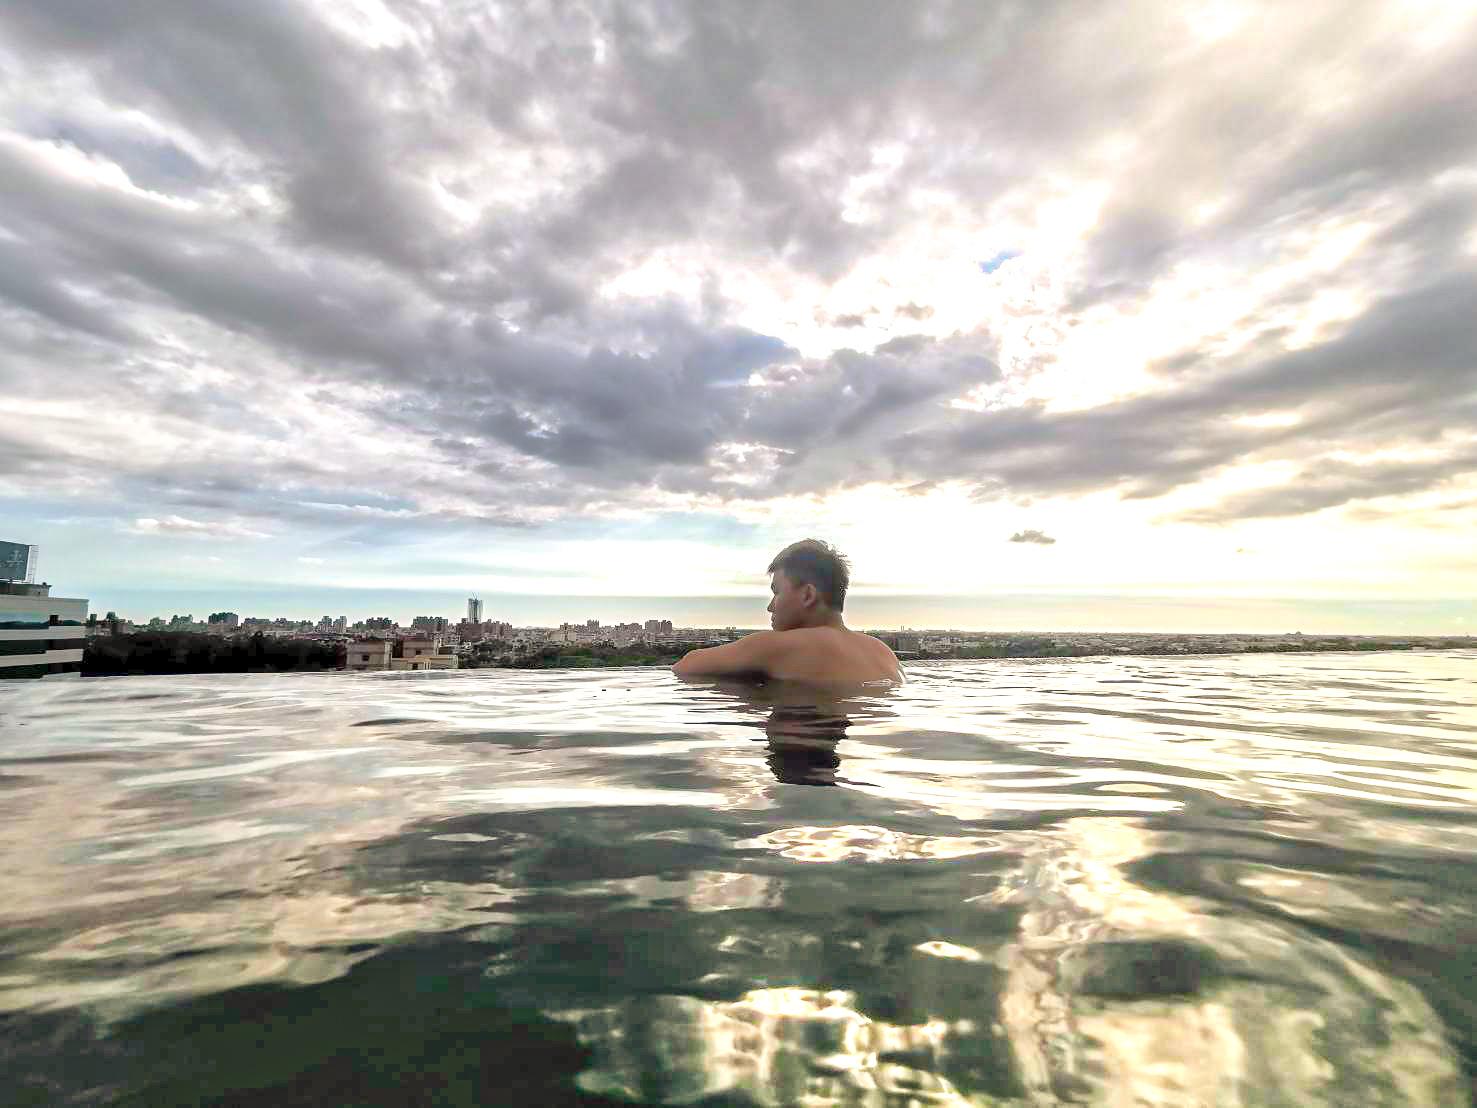 嘉義住宿。承億文旅–桃城茶樣子|嘉義市景無邊際泳池,泳池邊星空酒吧,與茶共澡的假期